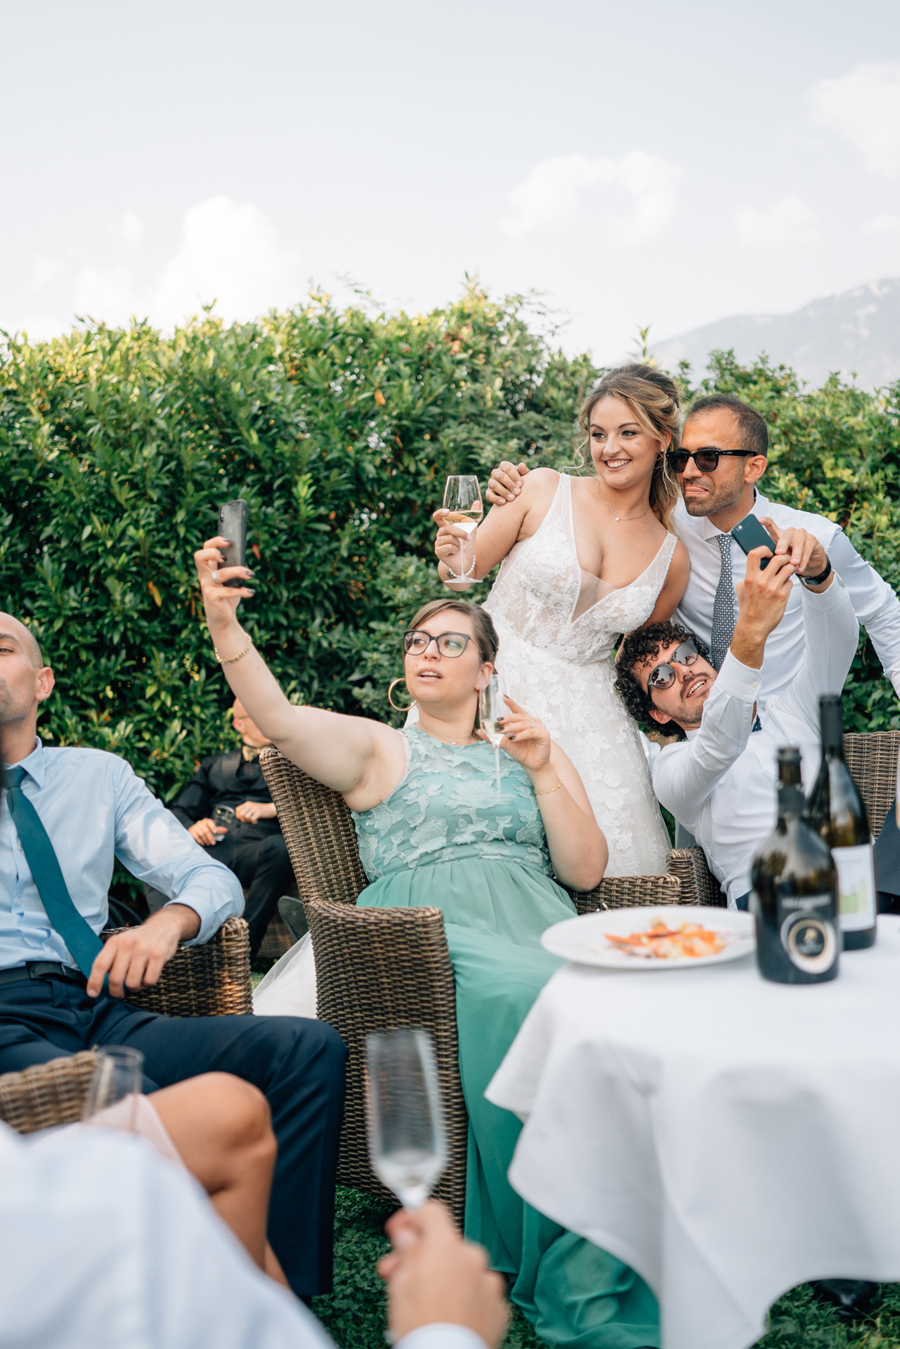 Renato_Zanette_Fotografo_Vittorio_Veneto_Julie_E_Pierdavide_Sposi_Treviso_Conegliano_Social_Ad_Ogni_Costo